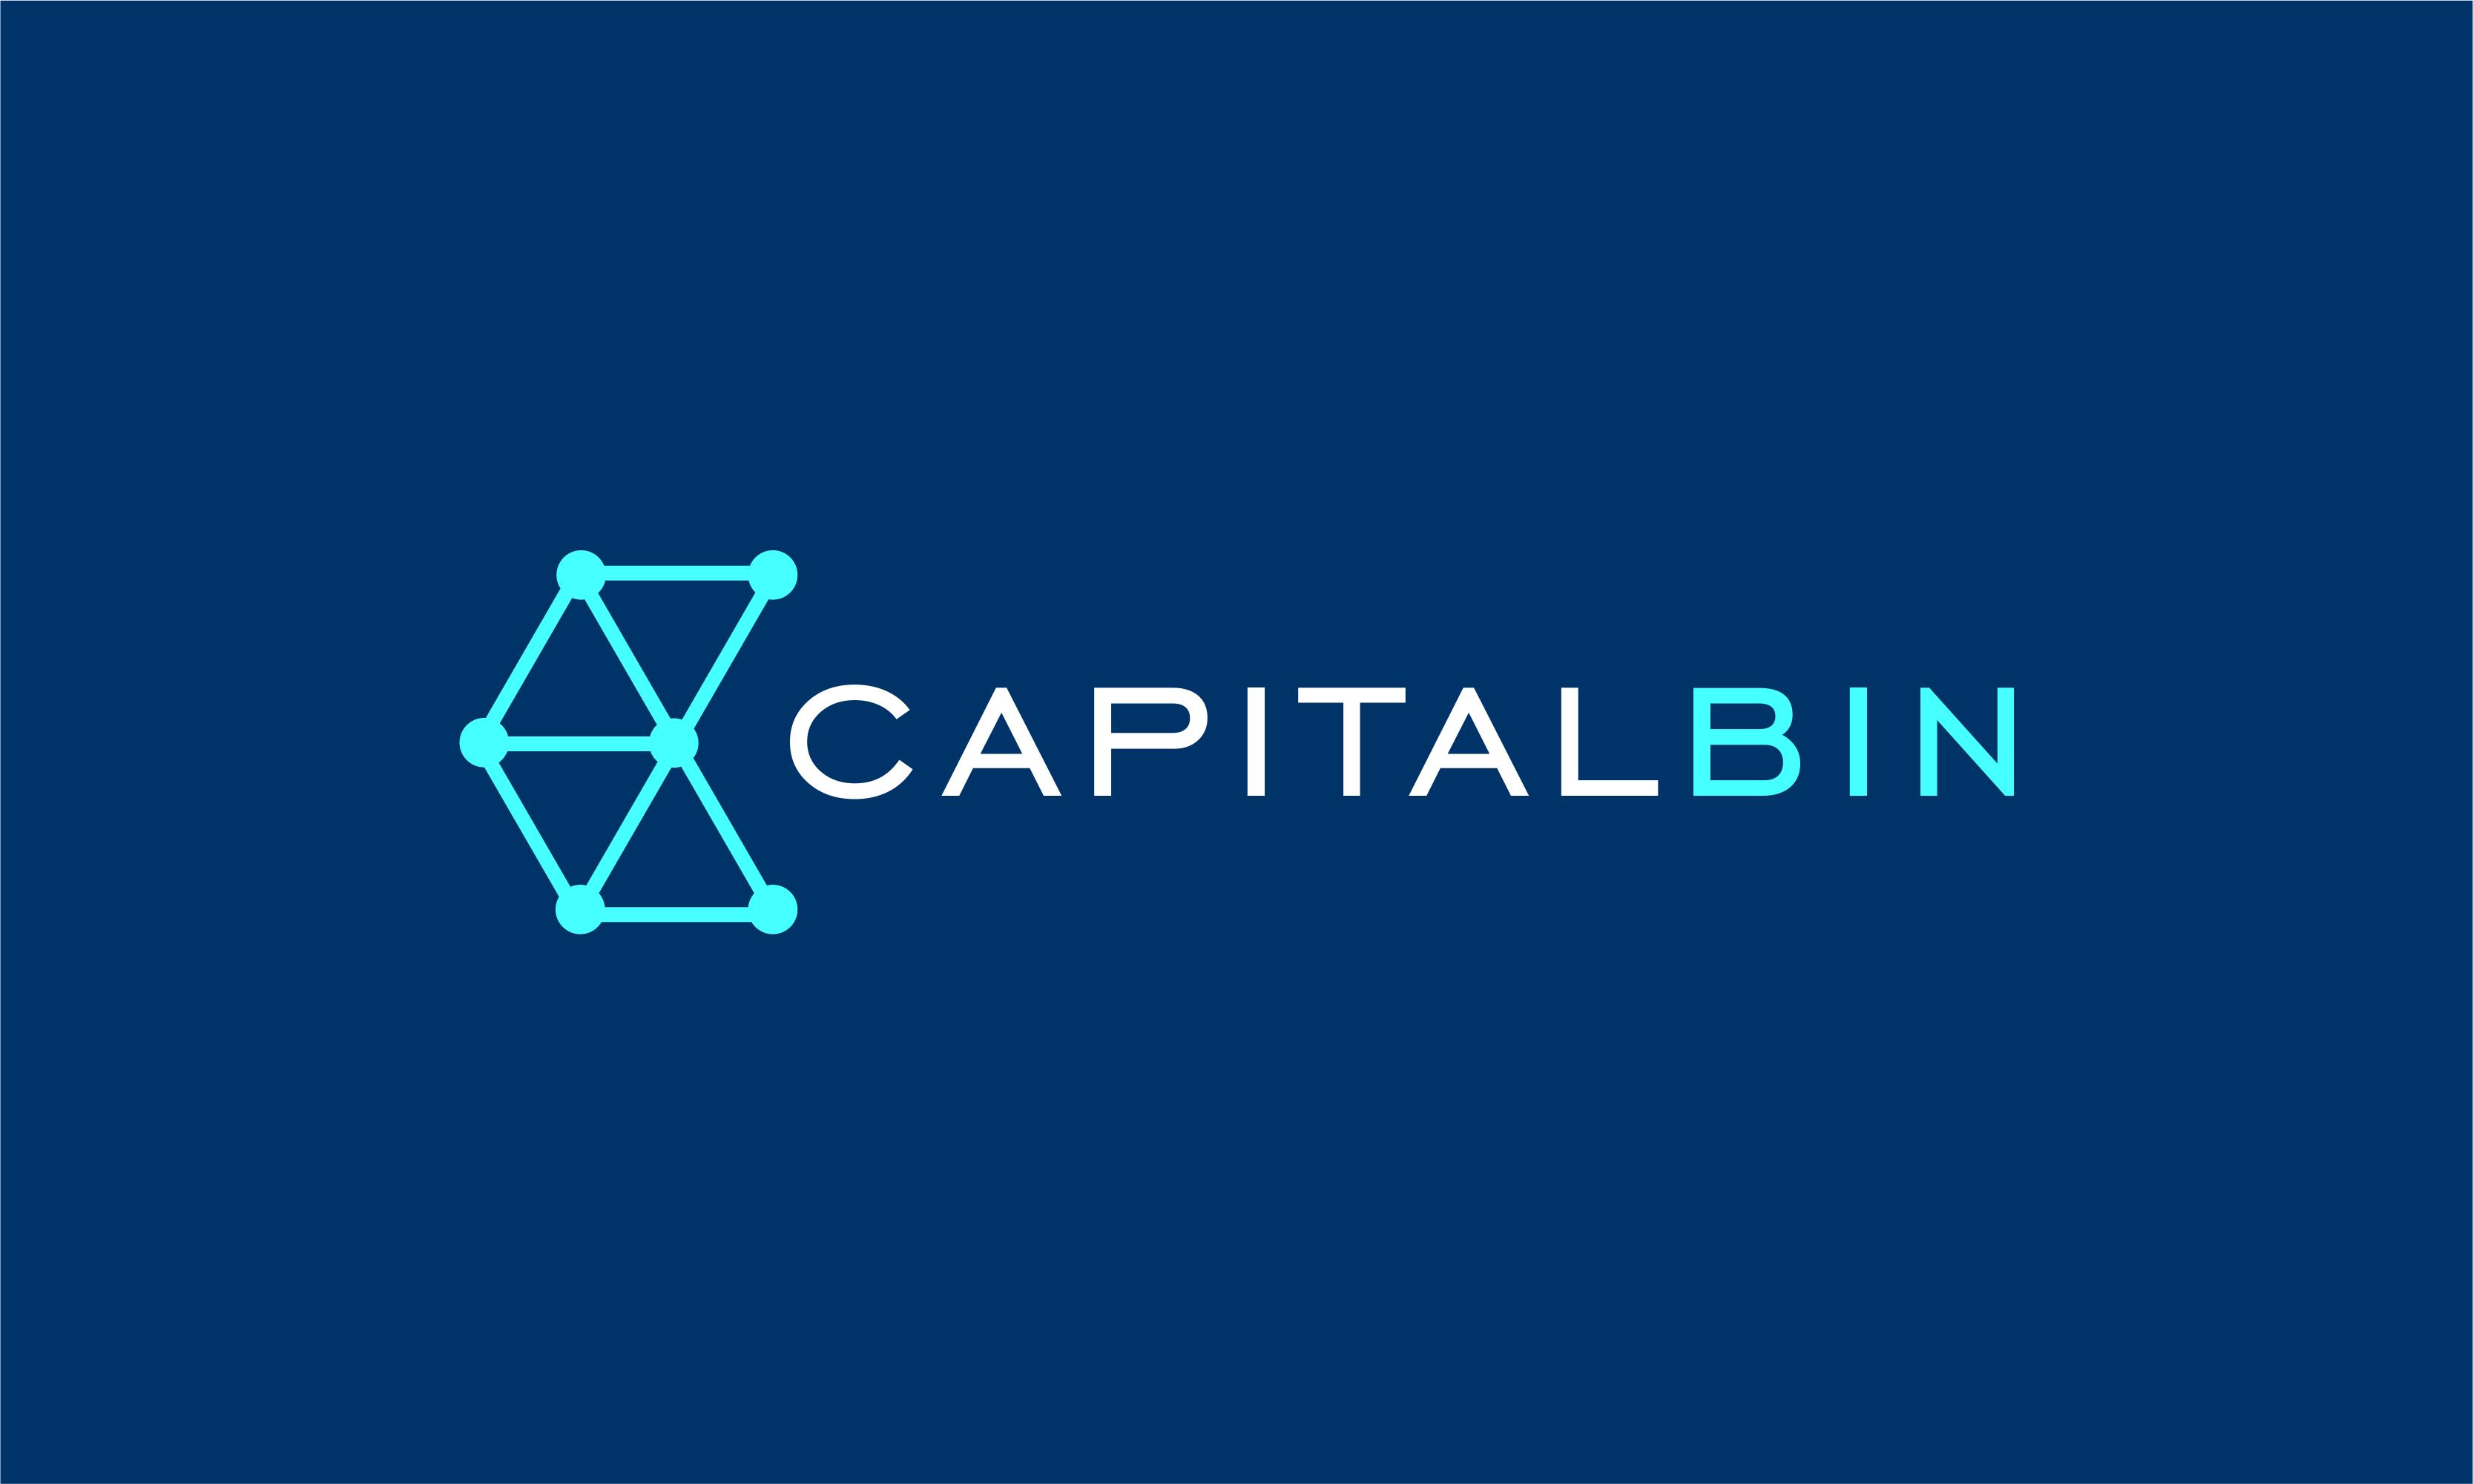 Capitalbin